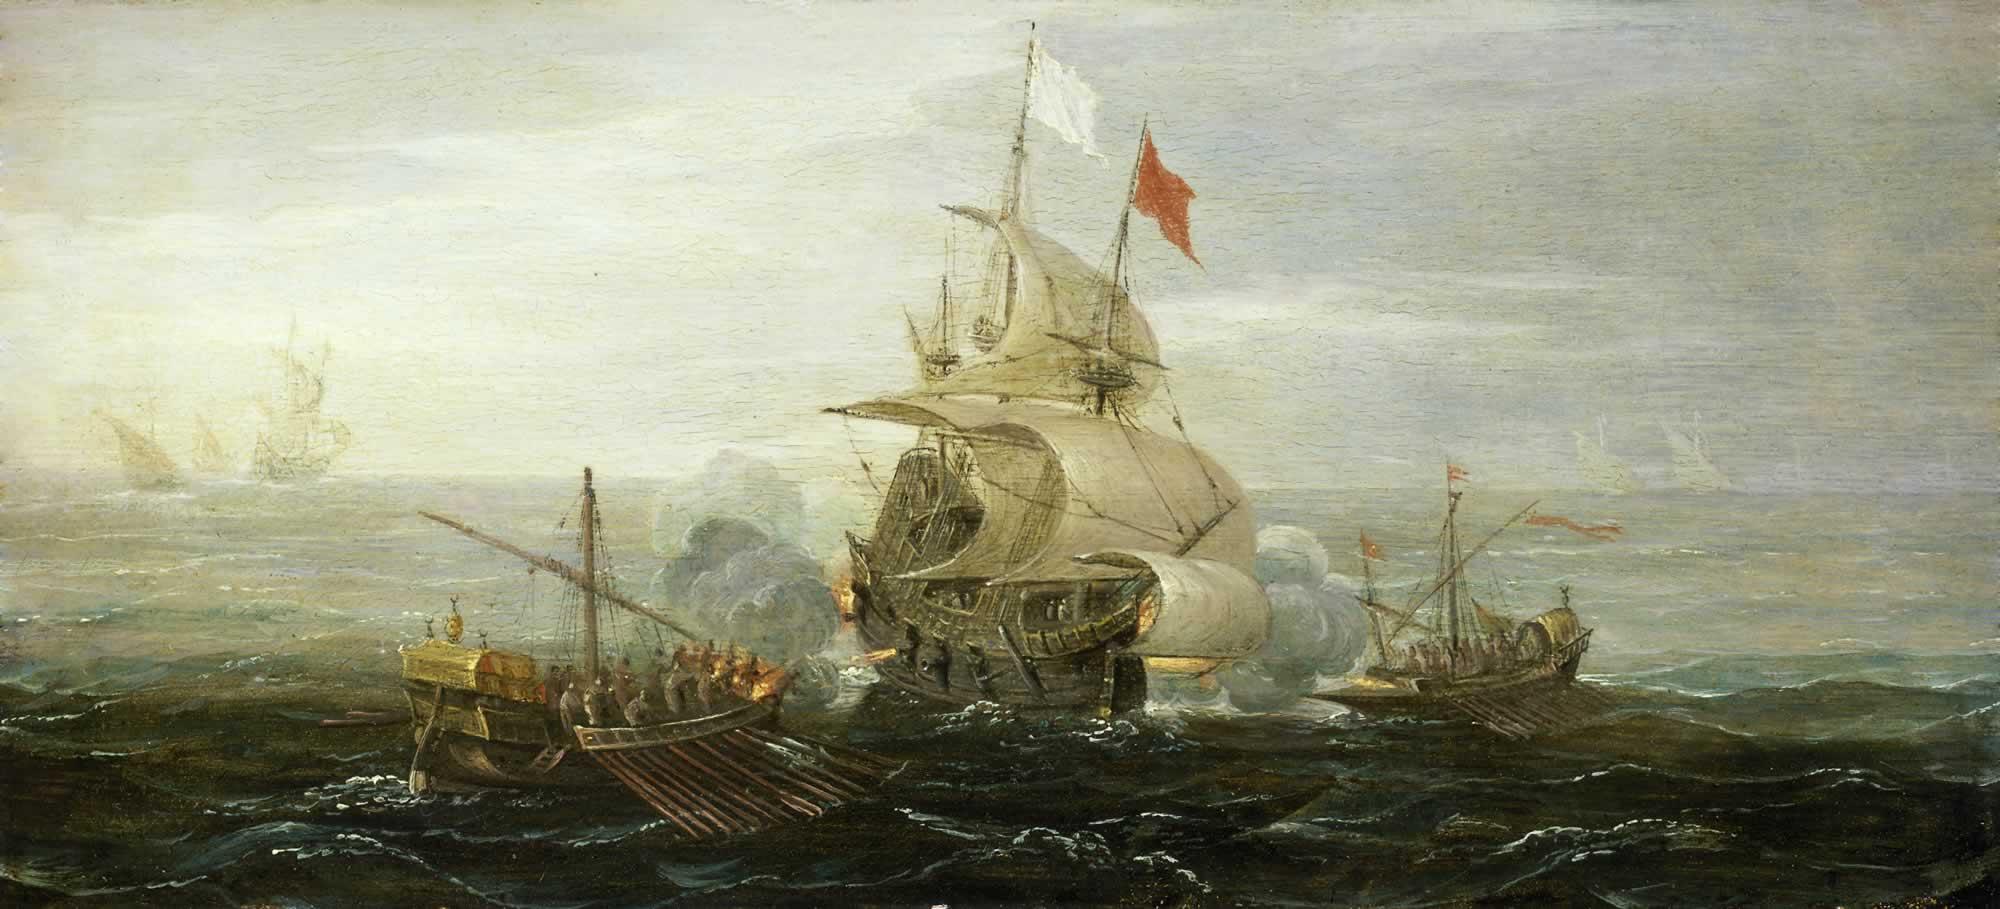 Assalto di corsari algerini a una nave francese